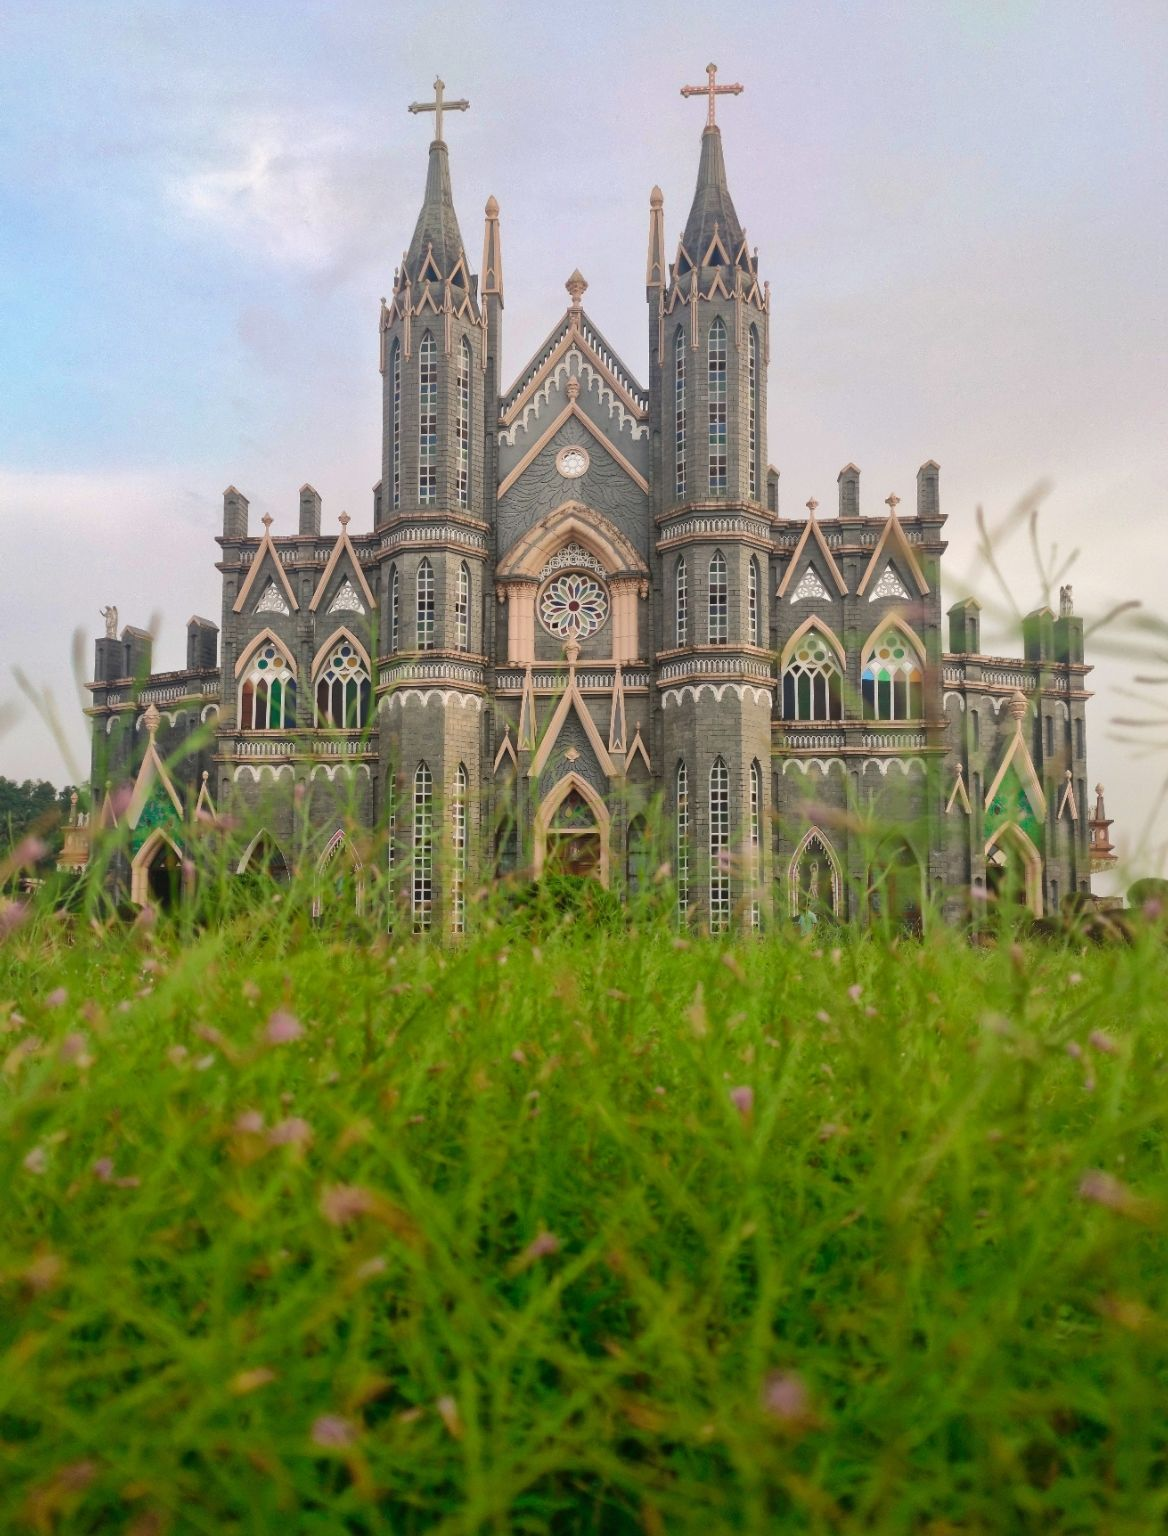 Photo of St. Lawrence Shrine Minor Basilica By Dheeraj Shanbhag